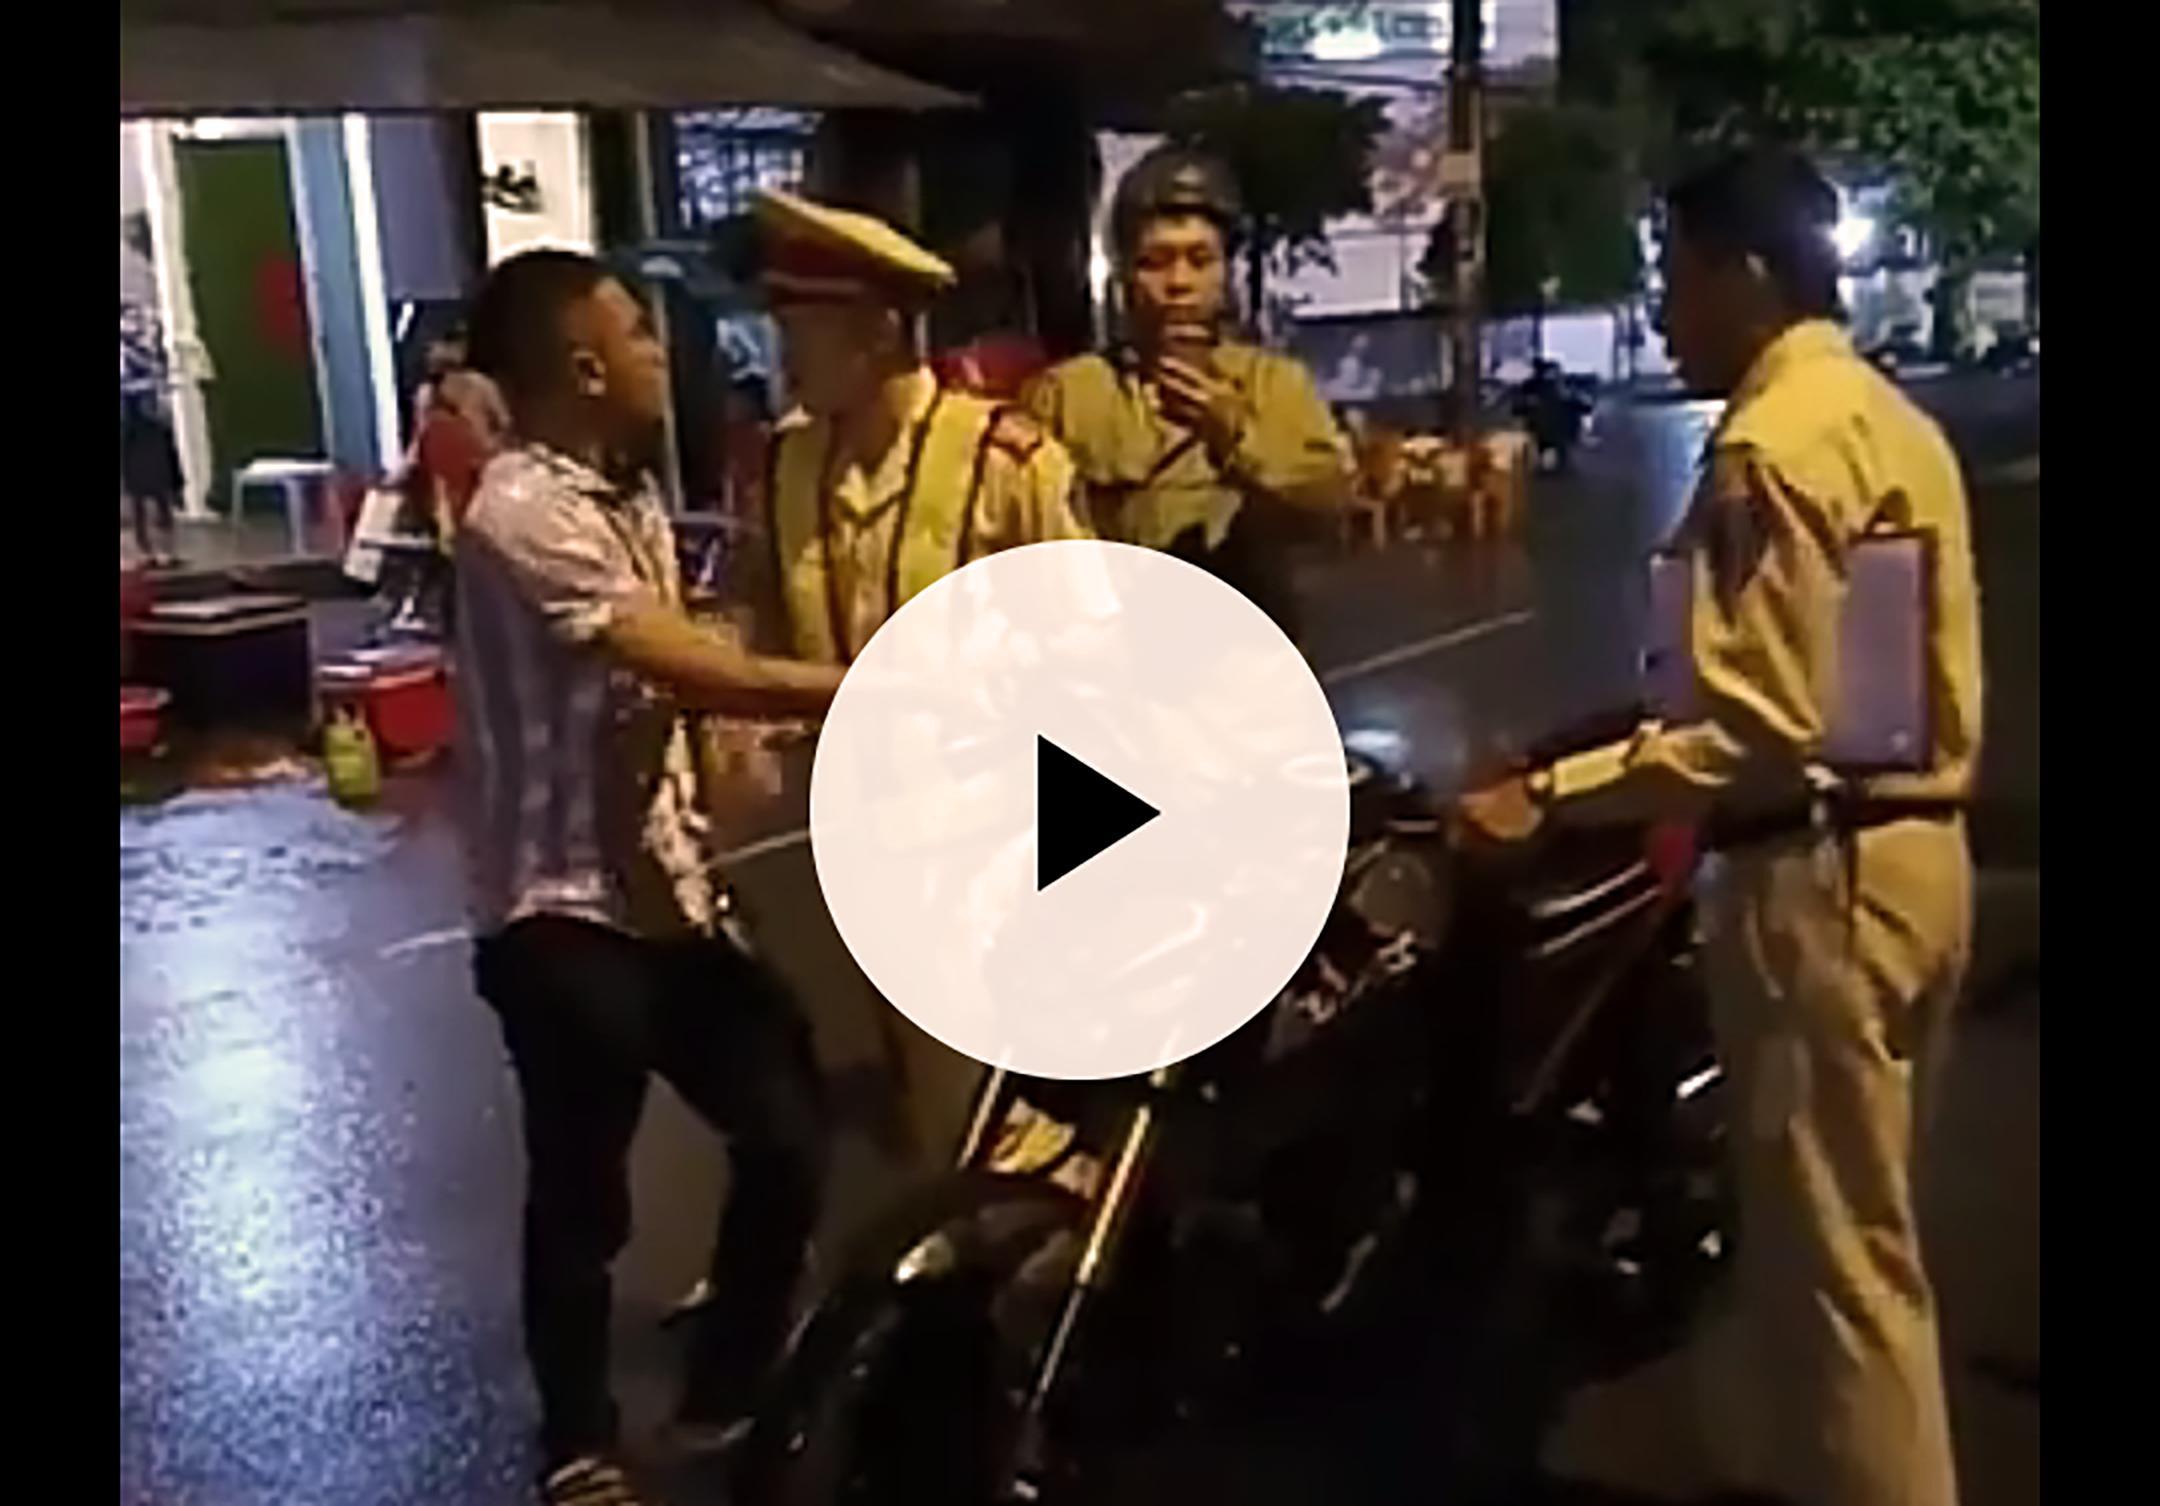 Vụ CSGT 'tự té ngã' ở Bình Định: Xử phạt hành chính 2 thanh niên 'cản trở người thi hành công vụ' Ảnh 1